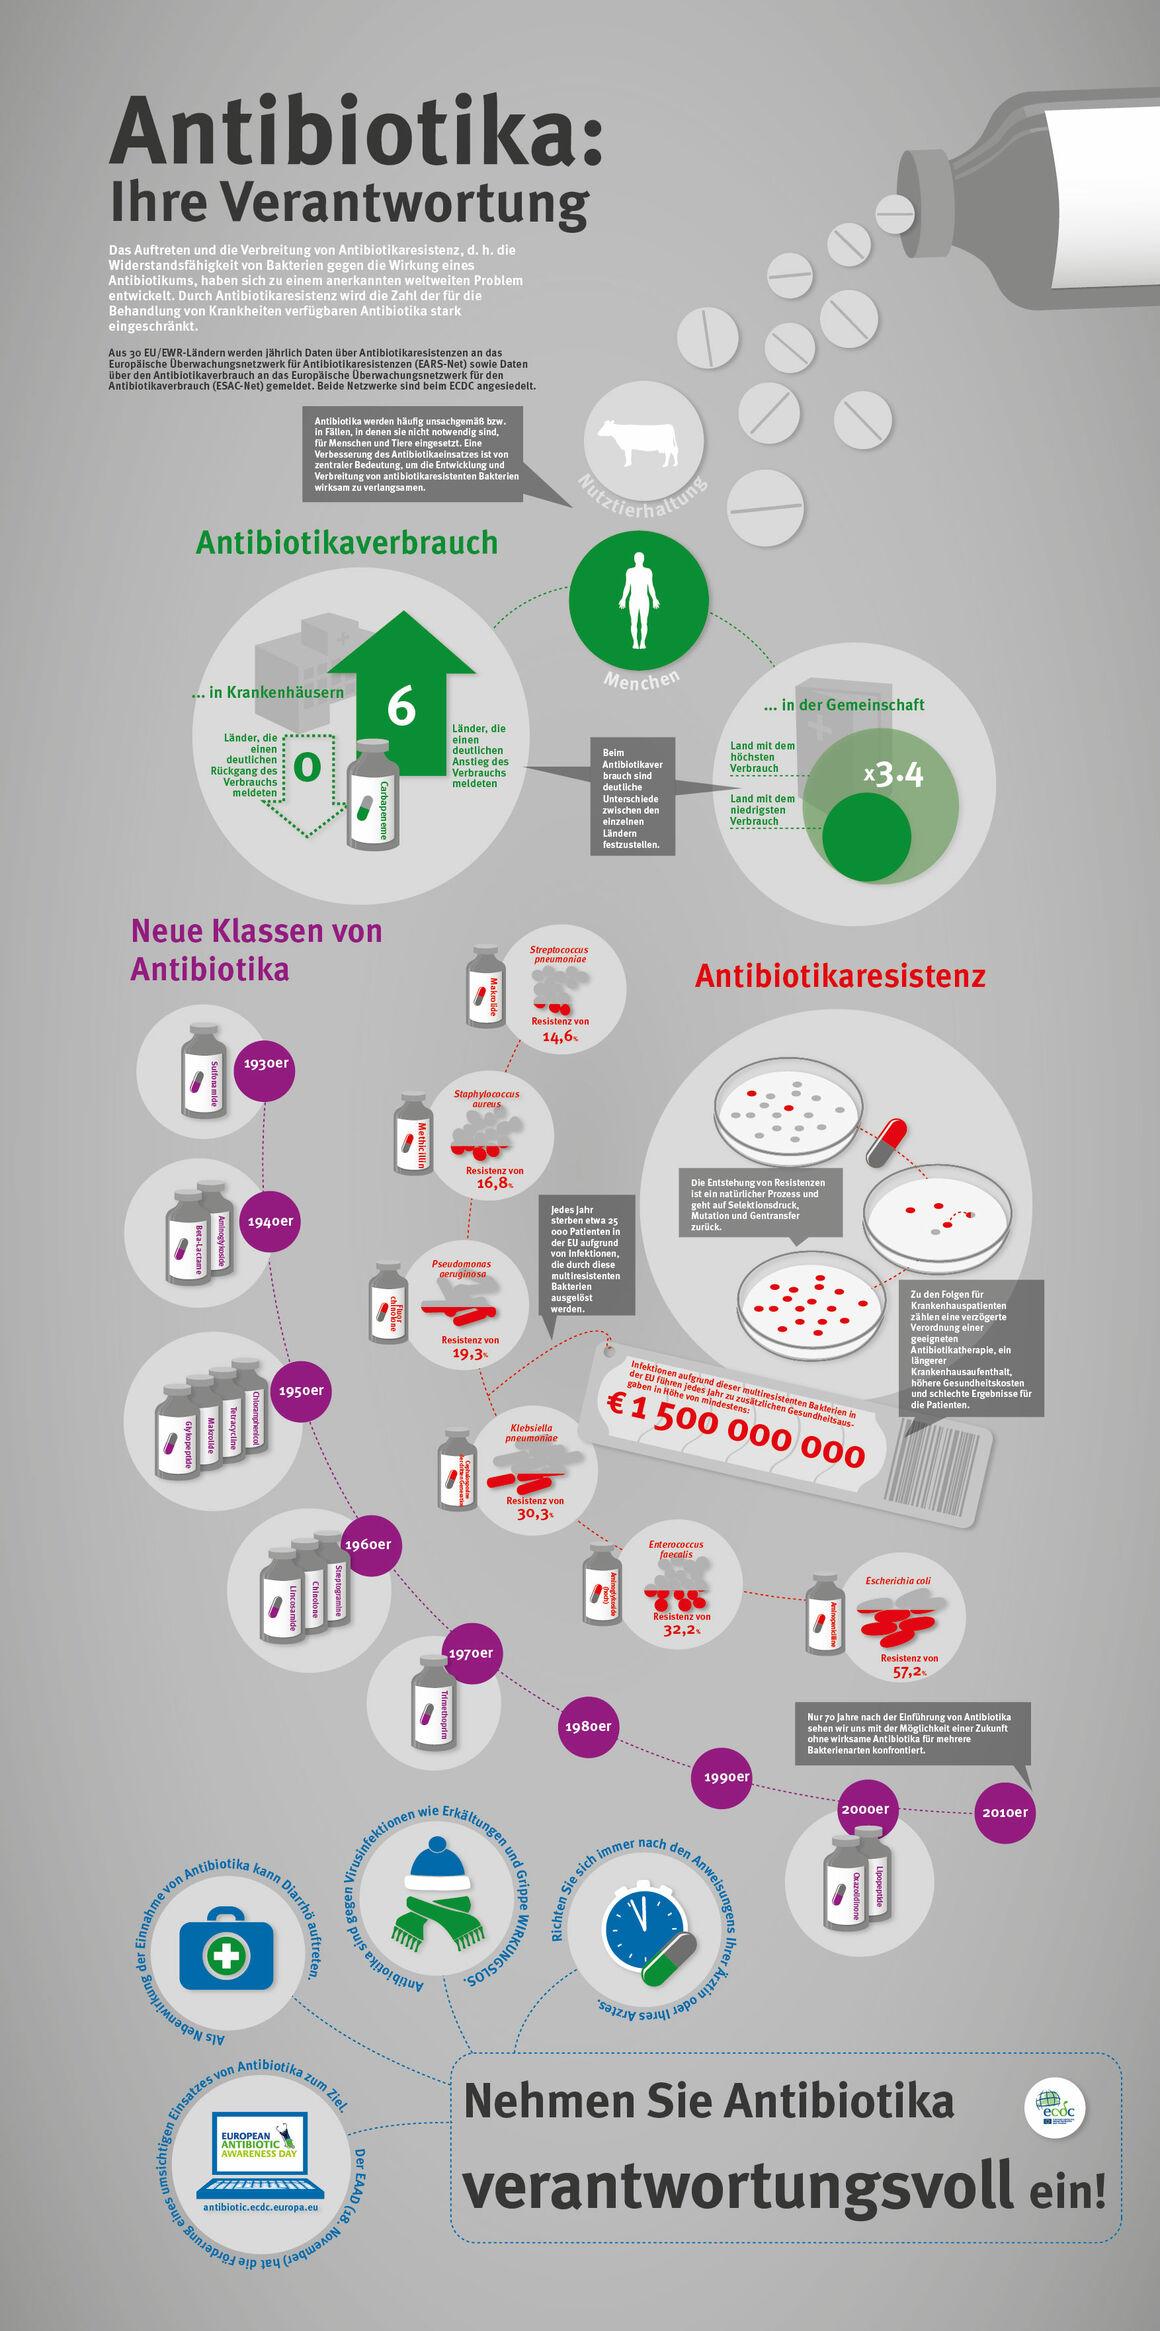 Antibiotika: Ihre Verantwortung